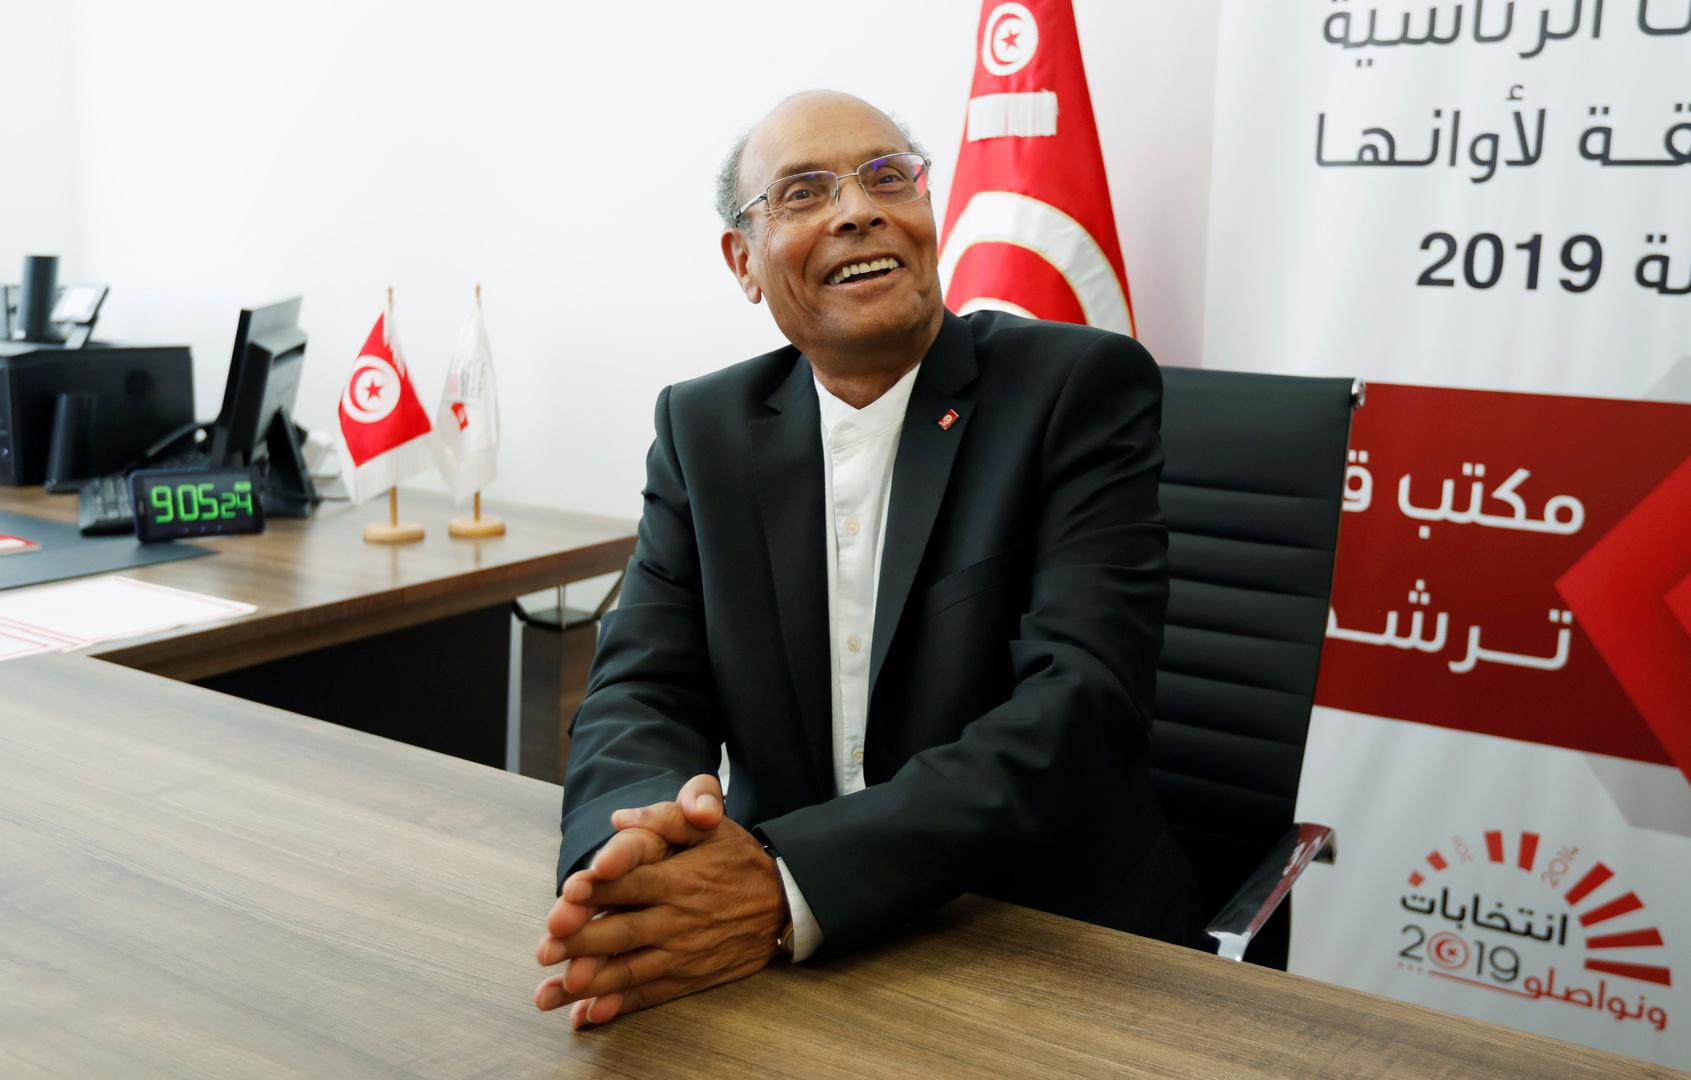 المرزوقي: ثمة في تونس من يطالب بنظام يحاكي